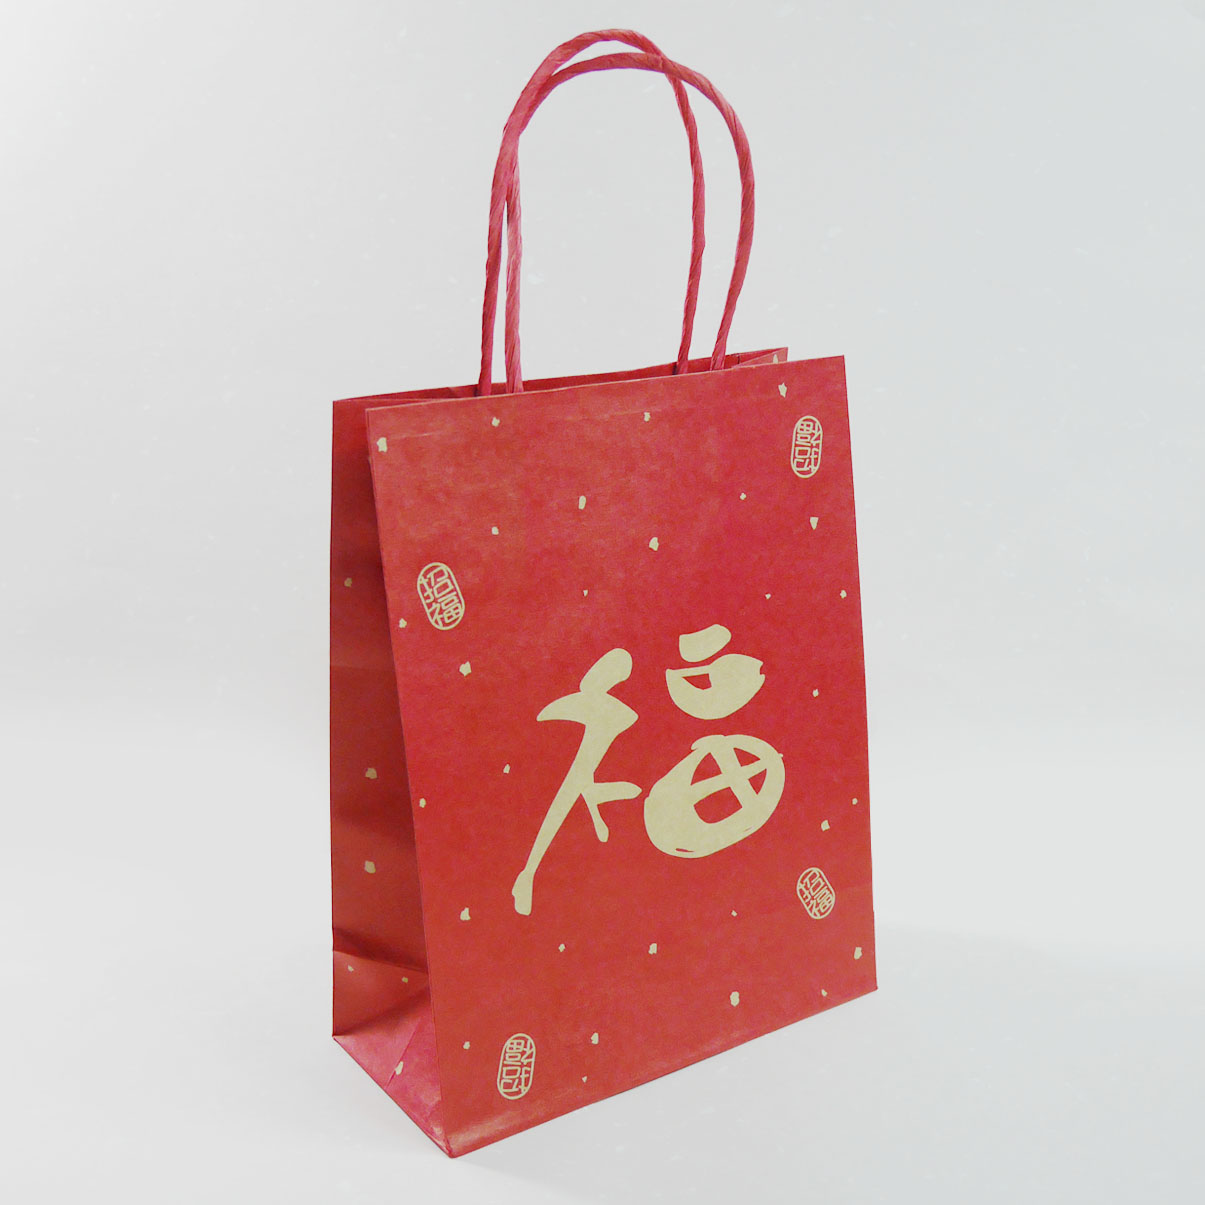 《袋袋相傳》M10 春節紙袋-福紙袋4K.jpg